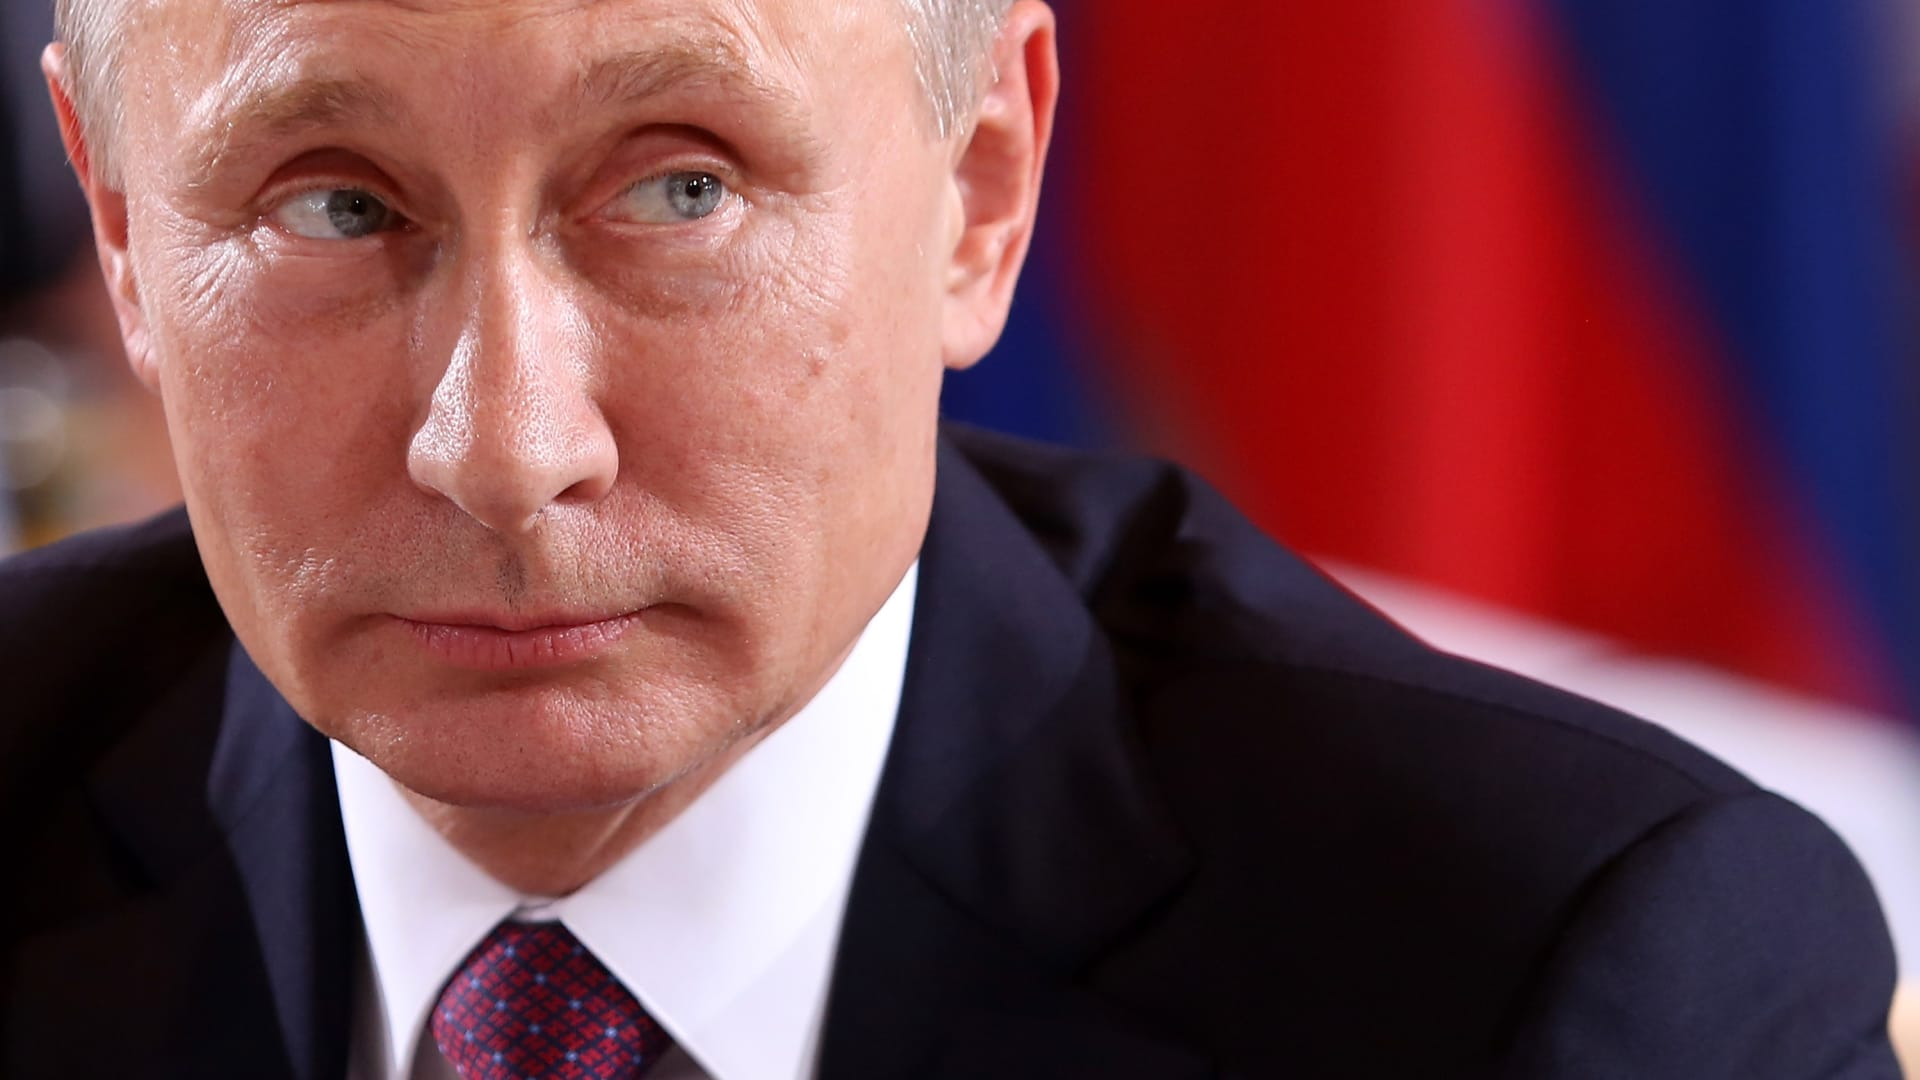 ماكماستر: دليل تدخل روسيا بانتخابات أمريكا غير قابل للدحض